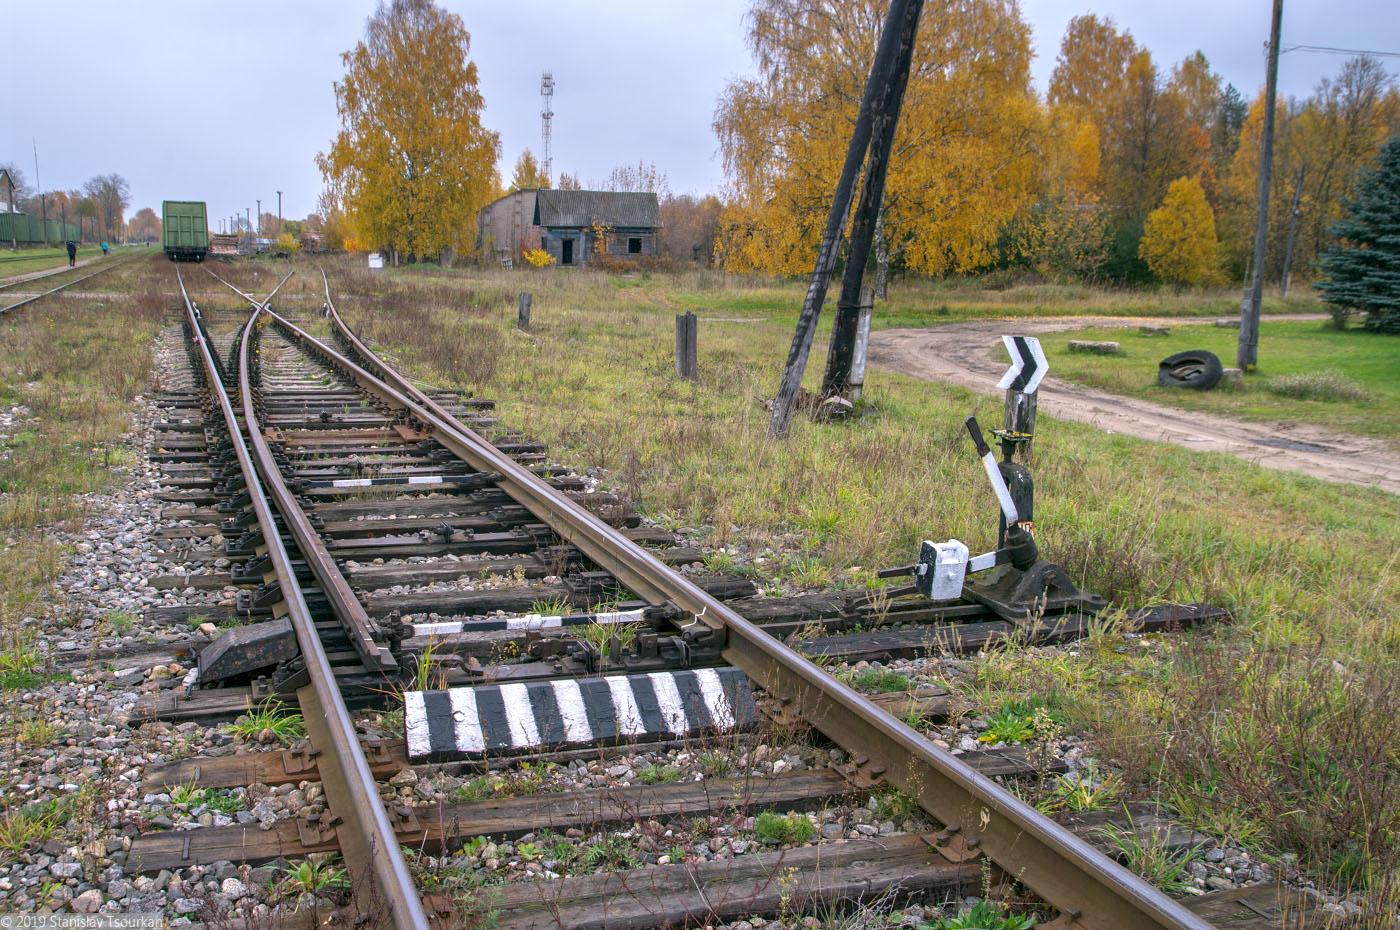 Весьегонск, Тверская область, ж/д, железная дорога, станция Весьегонск, ручная стрелка, стрелочный перевод, стрелка